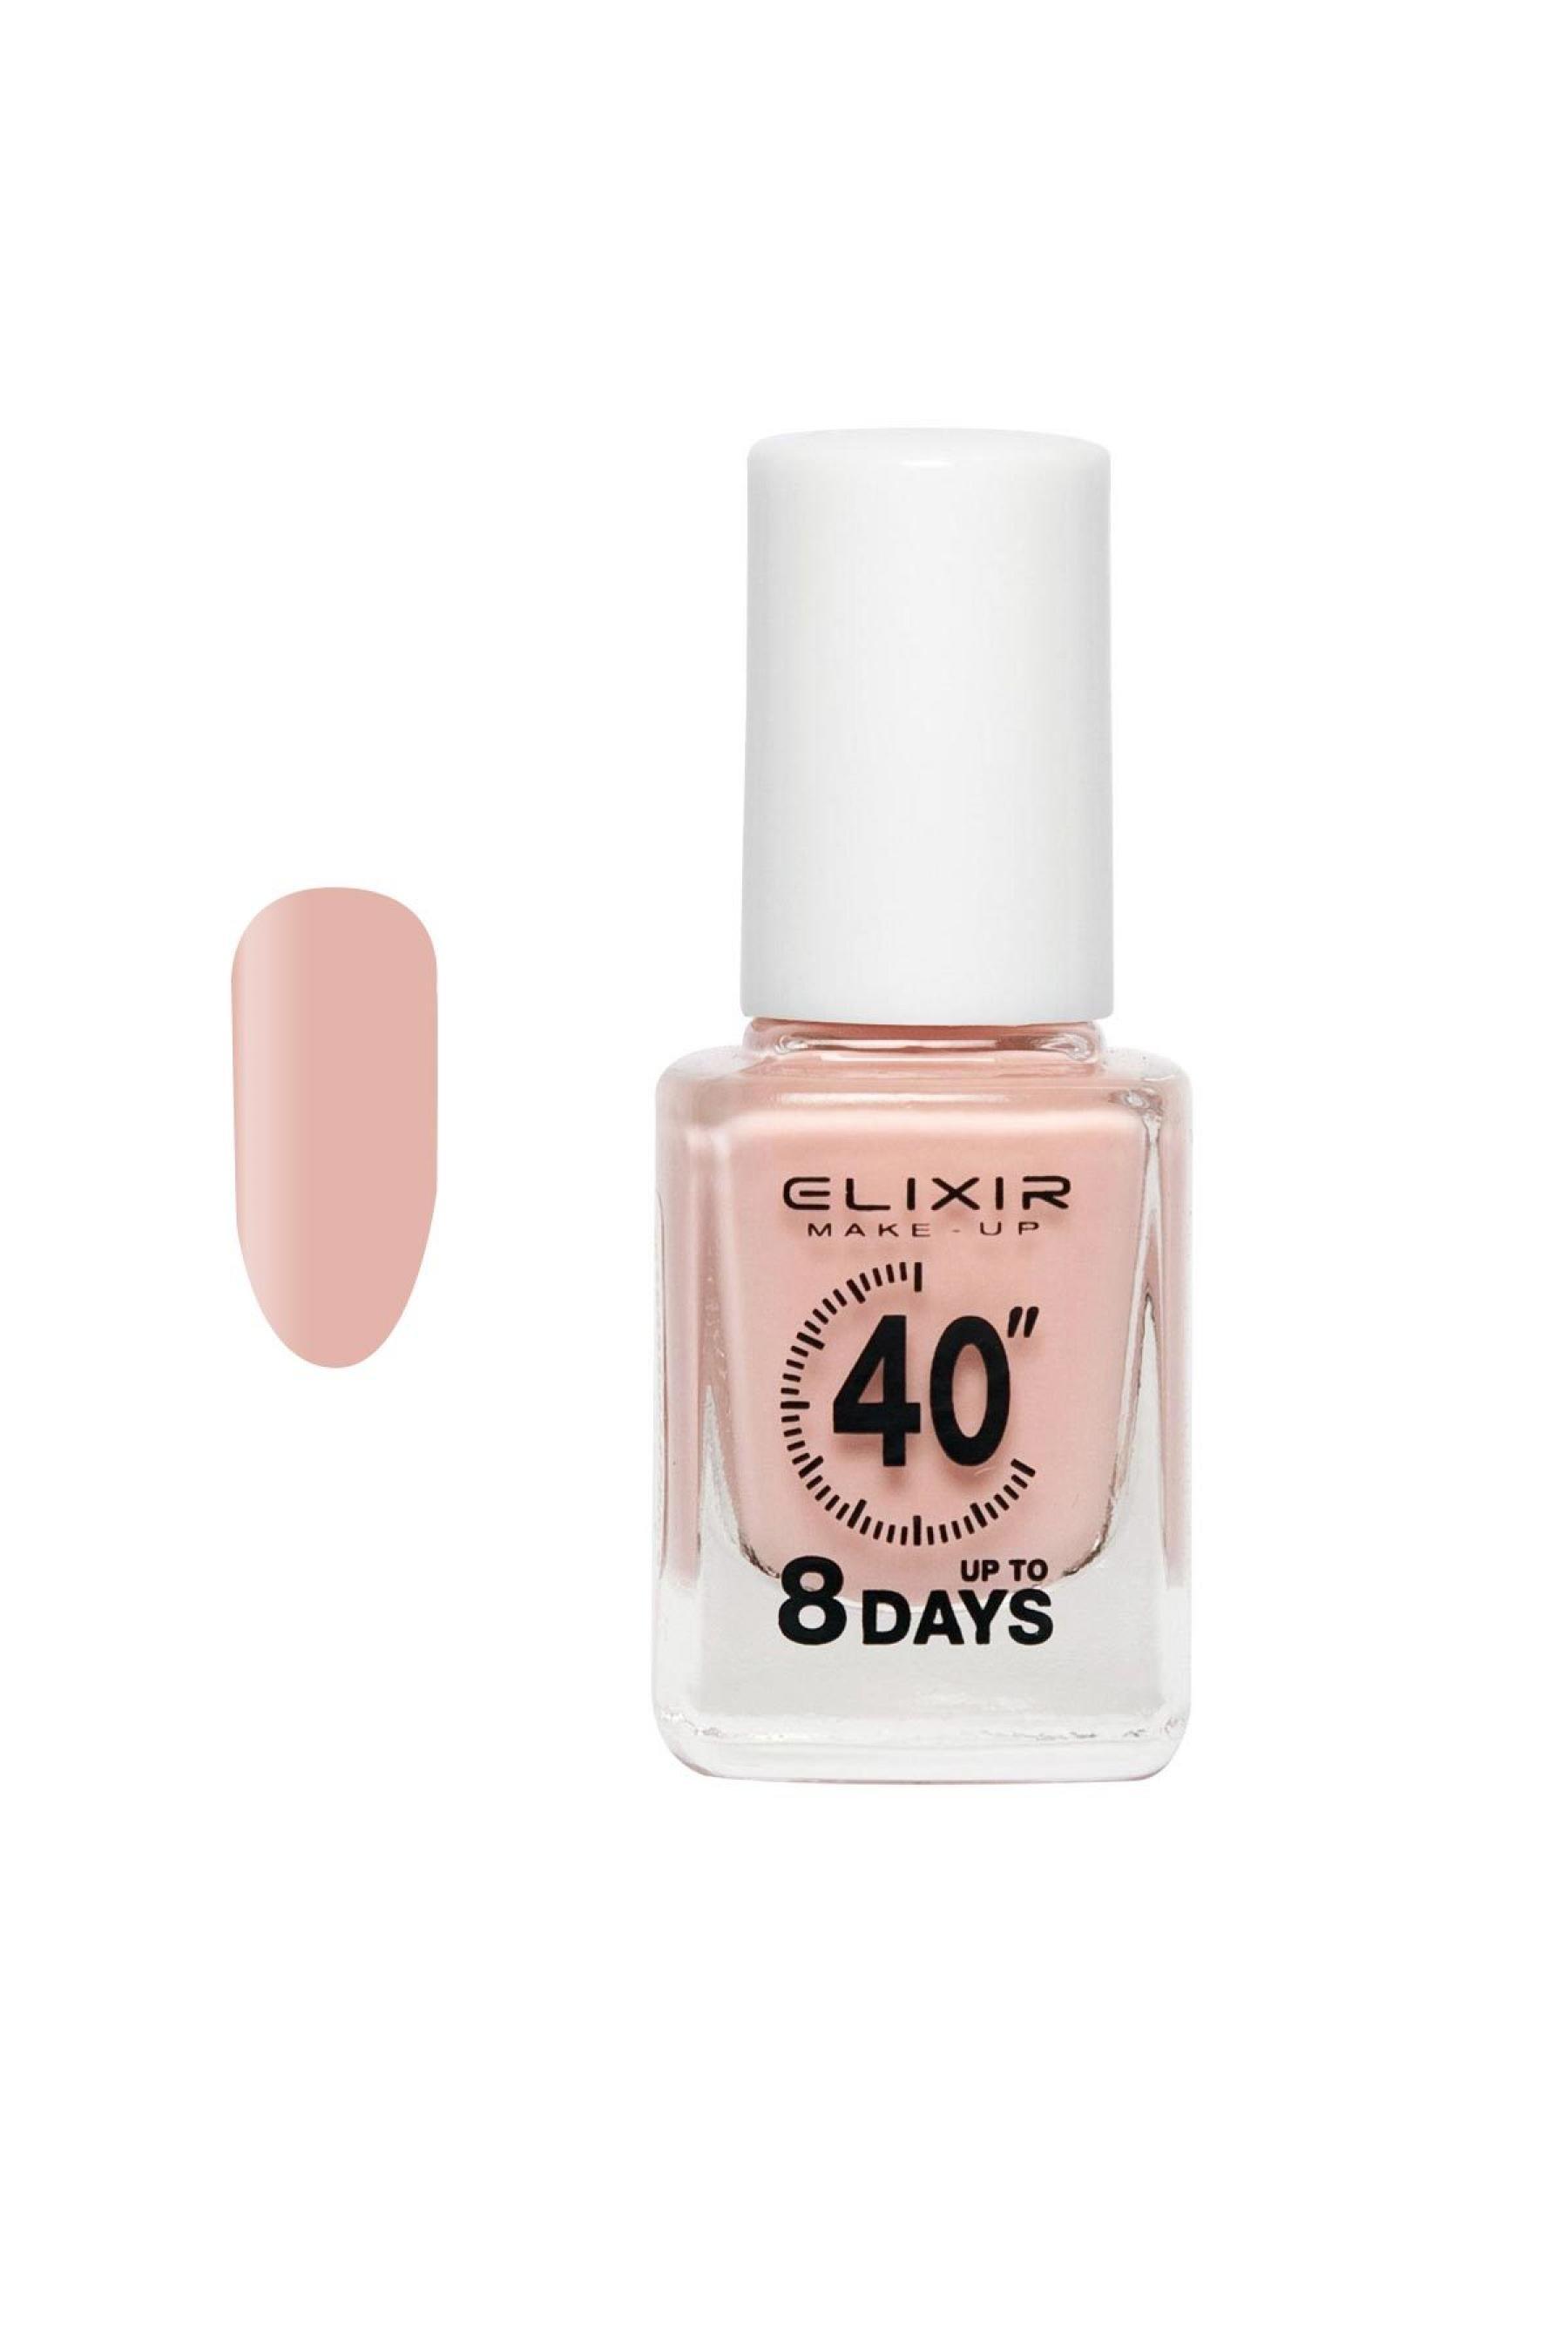 Βερνίκι 40″ Up to 8 Days 06(French Pink)